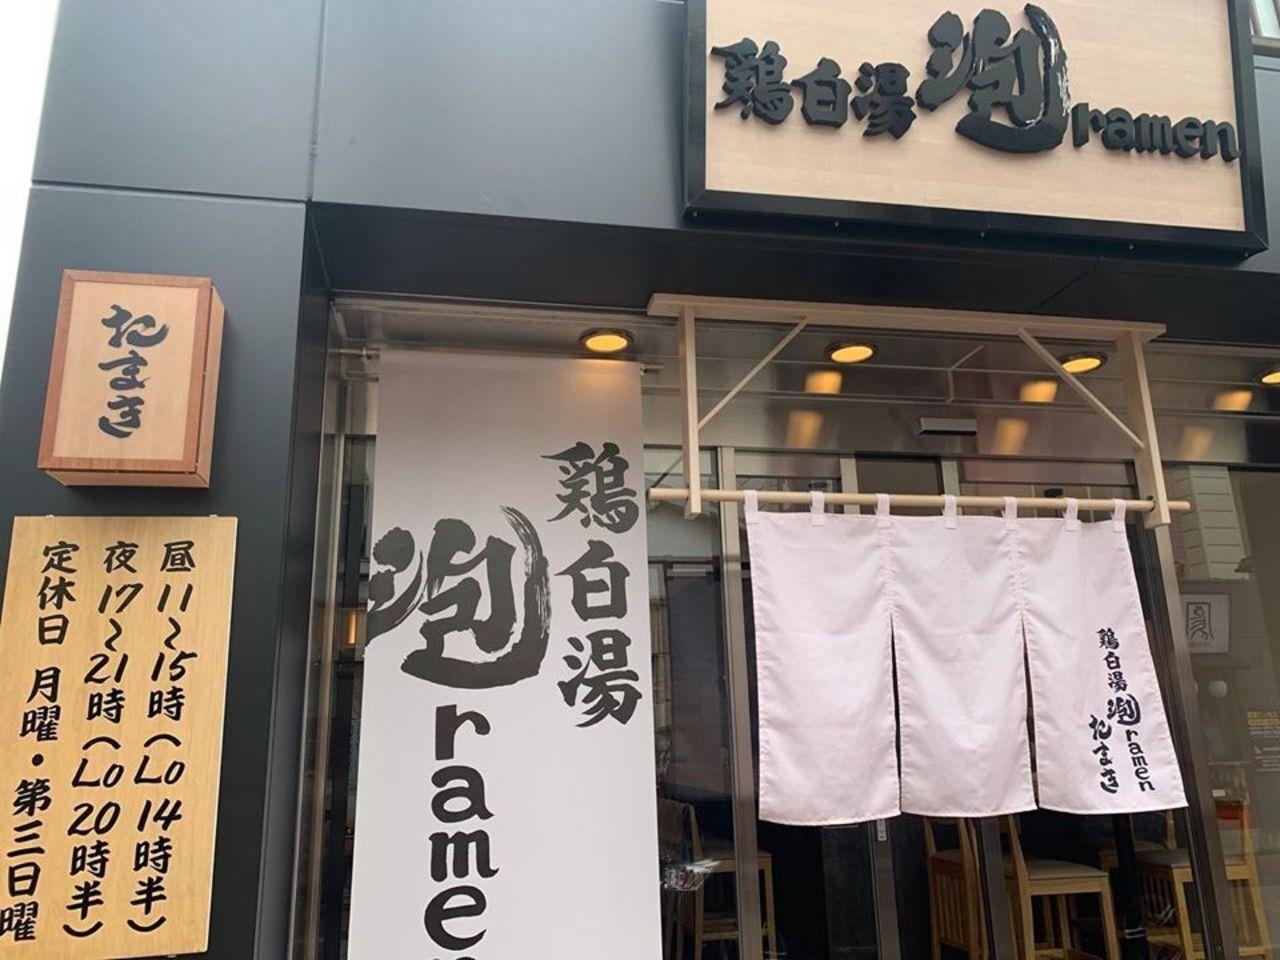 群馬県高崎市砂賀町に「鶏白湯泡ramen たまき」が昨日オープンされたようです。